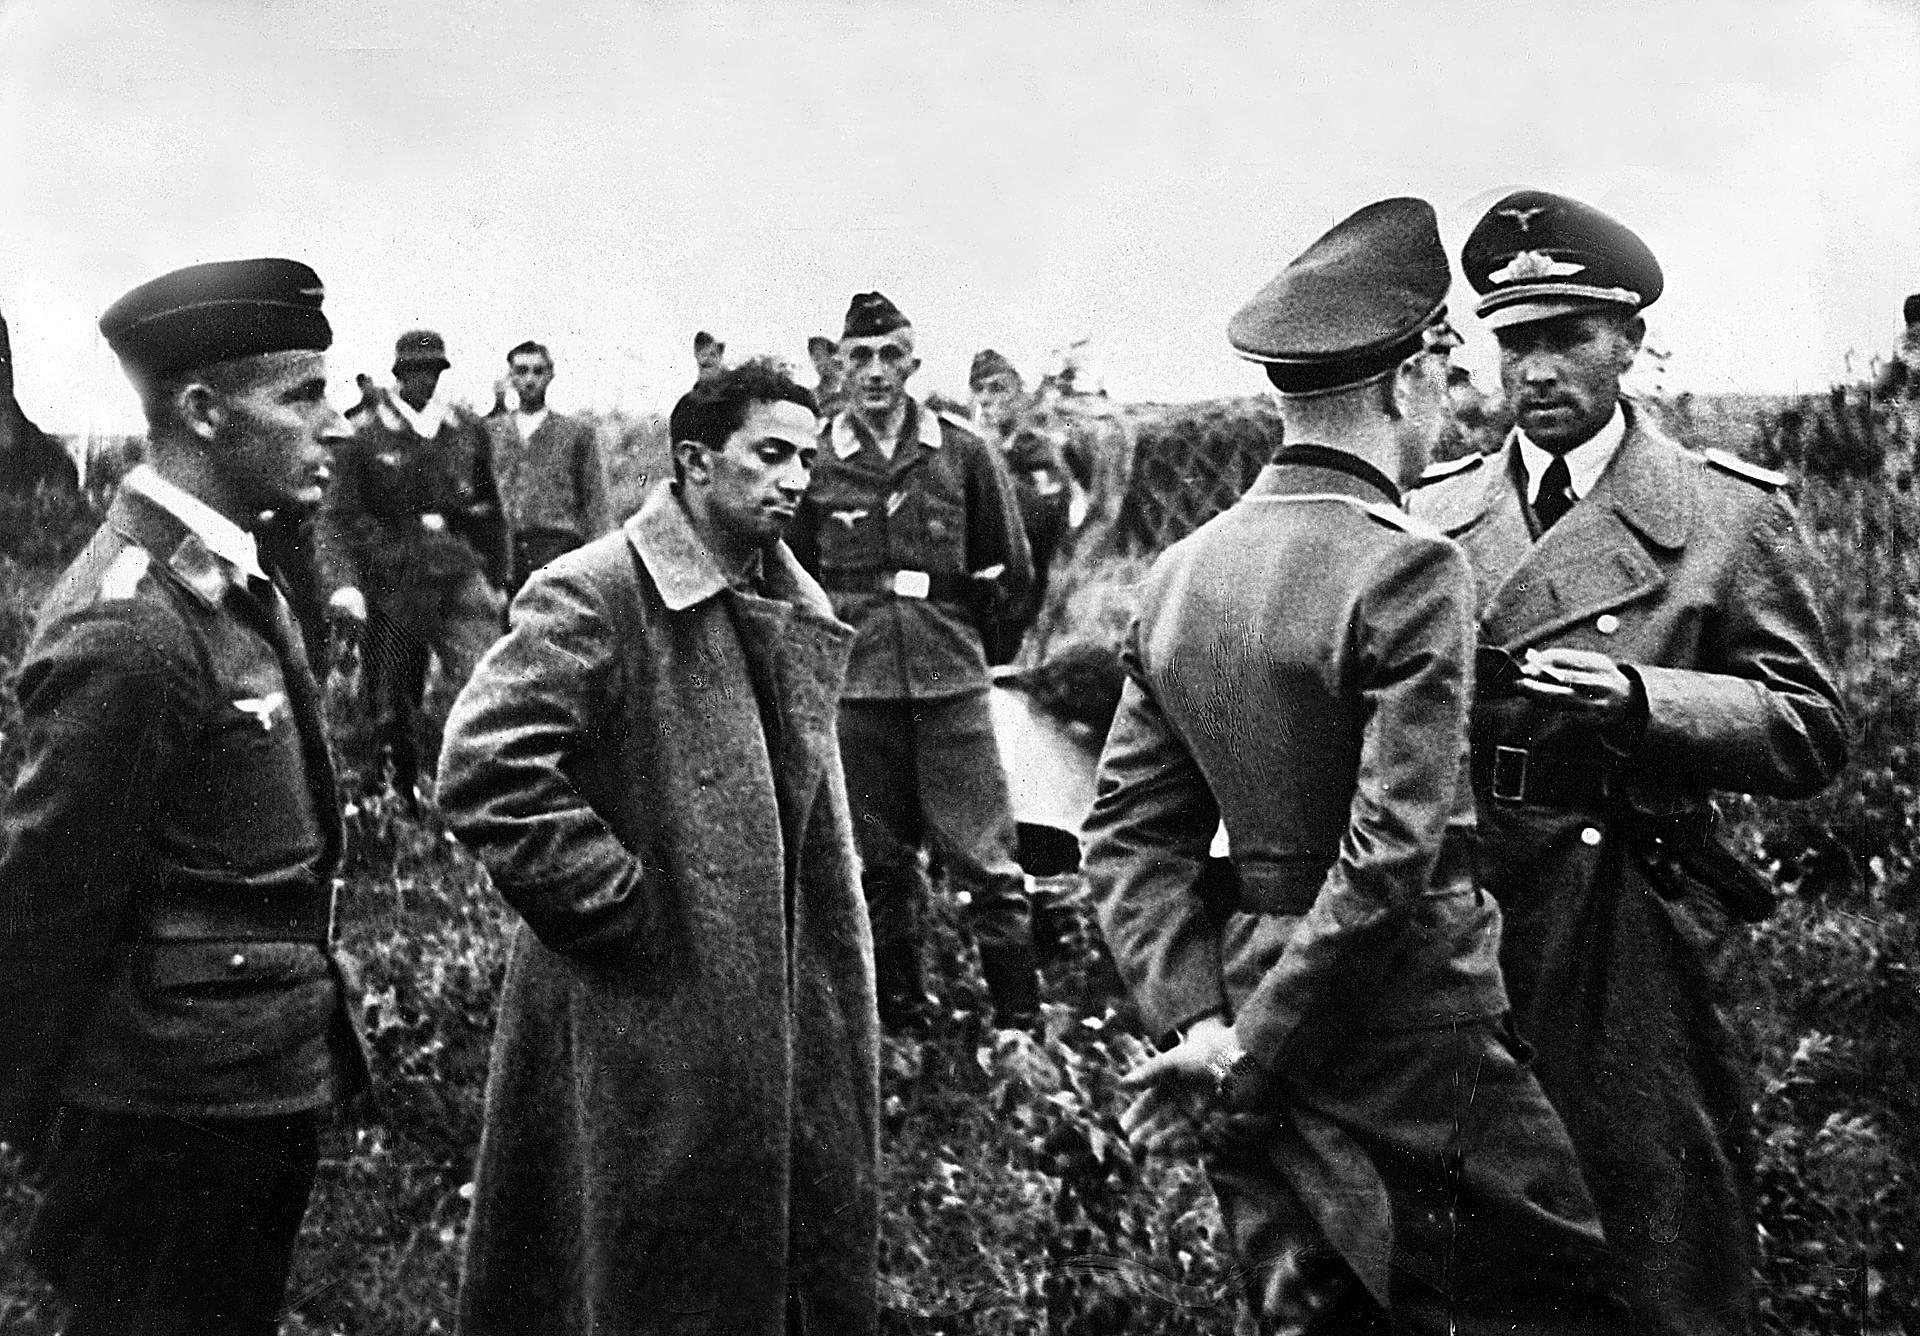 Prvog Staljinovog sina, Jakova Džugašvilija su zarobili Nijemci. Nije se vratio živ iz zarobljeništva. Na slici je okružen njemačkim časnicima.